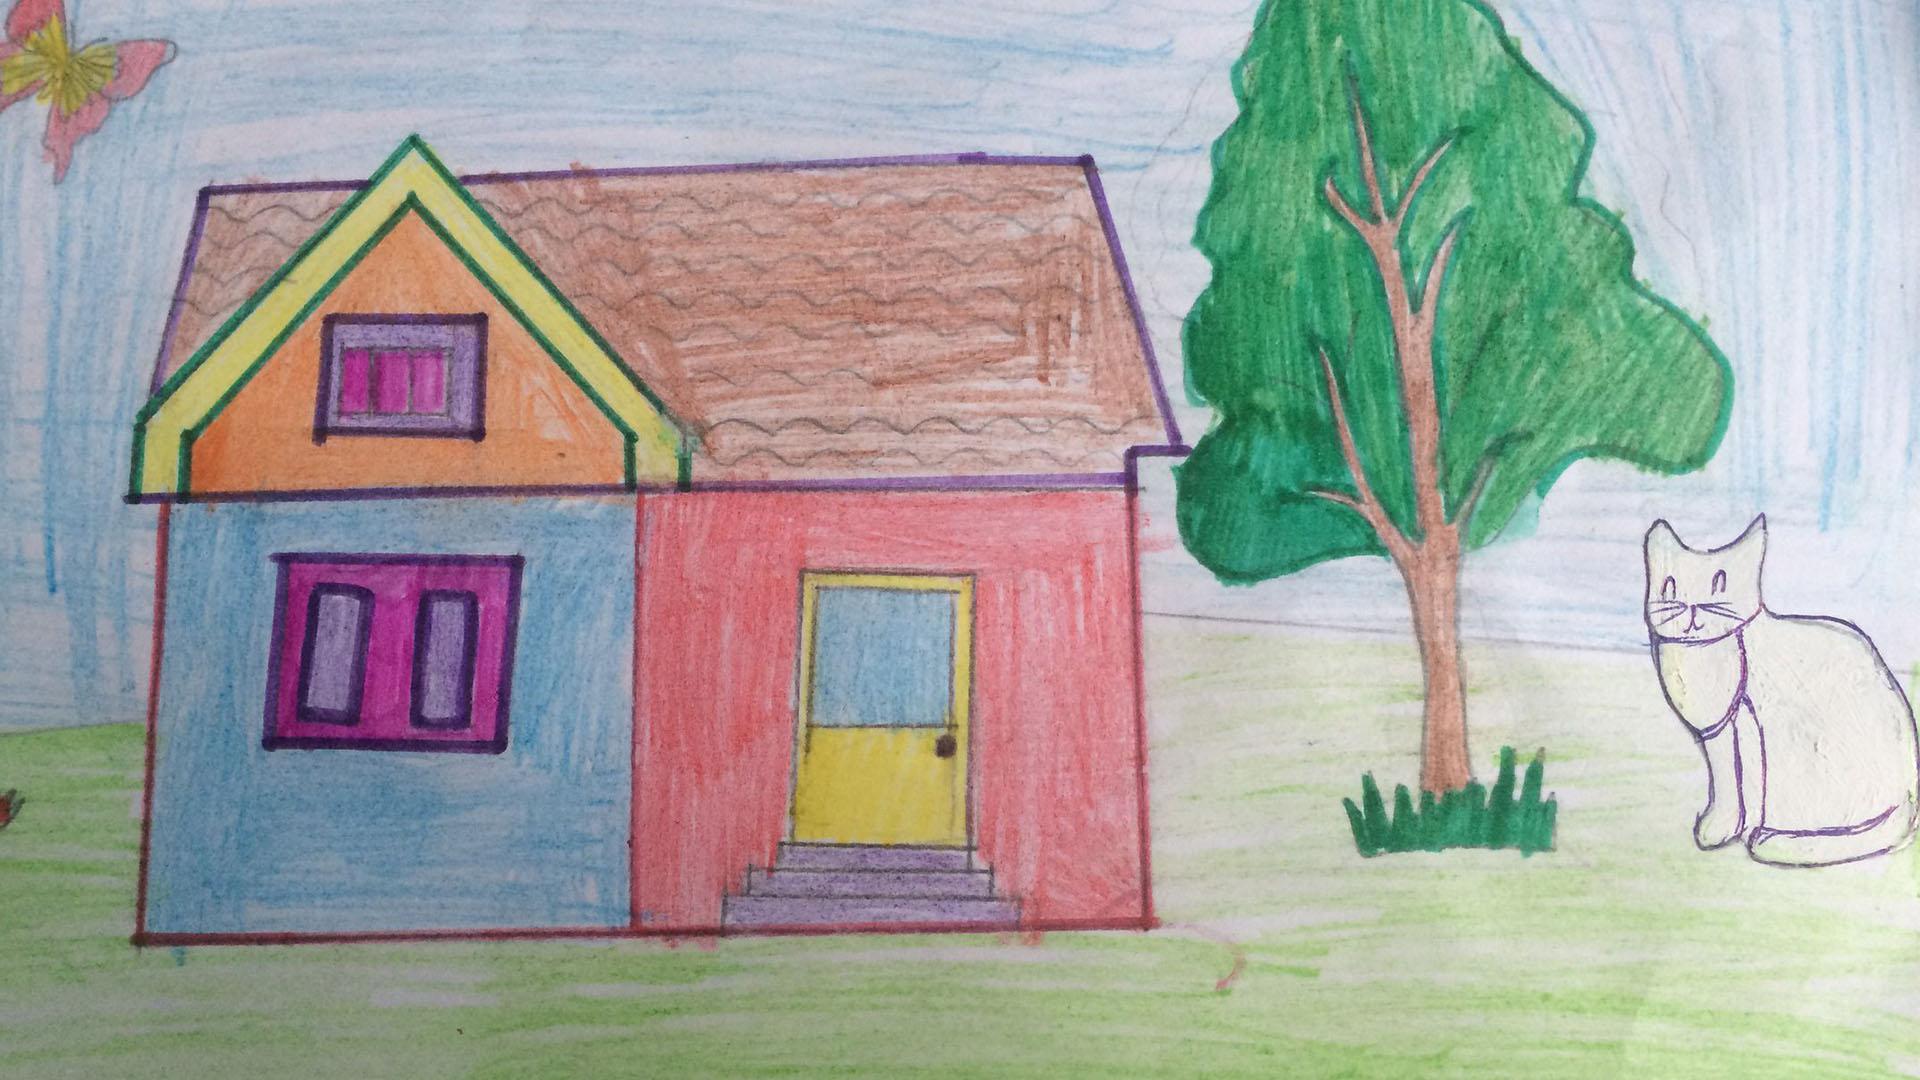 Картинка на тему мой дом для детей